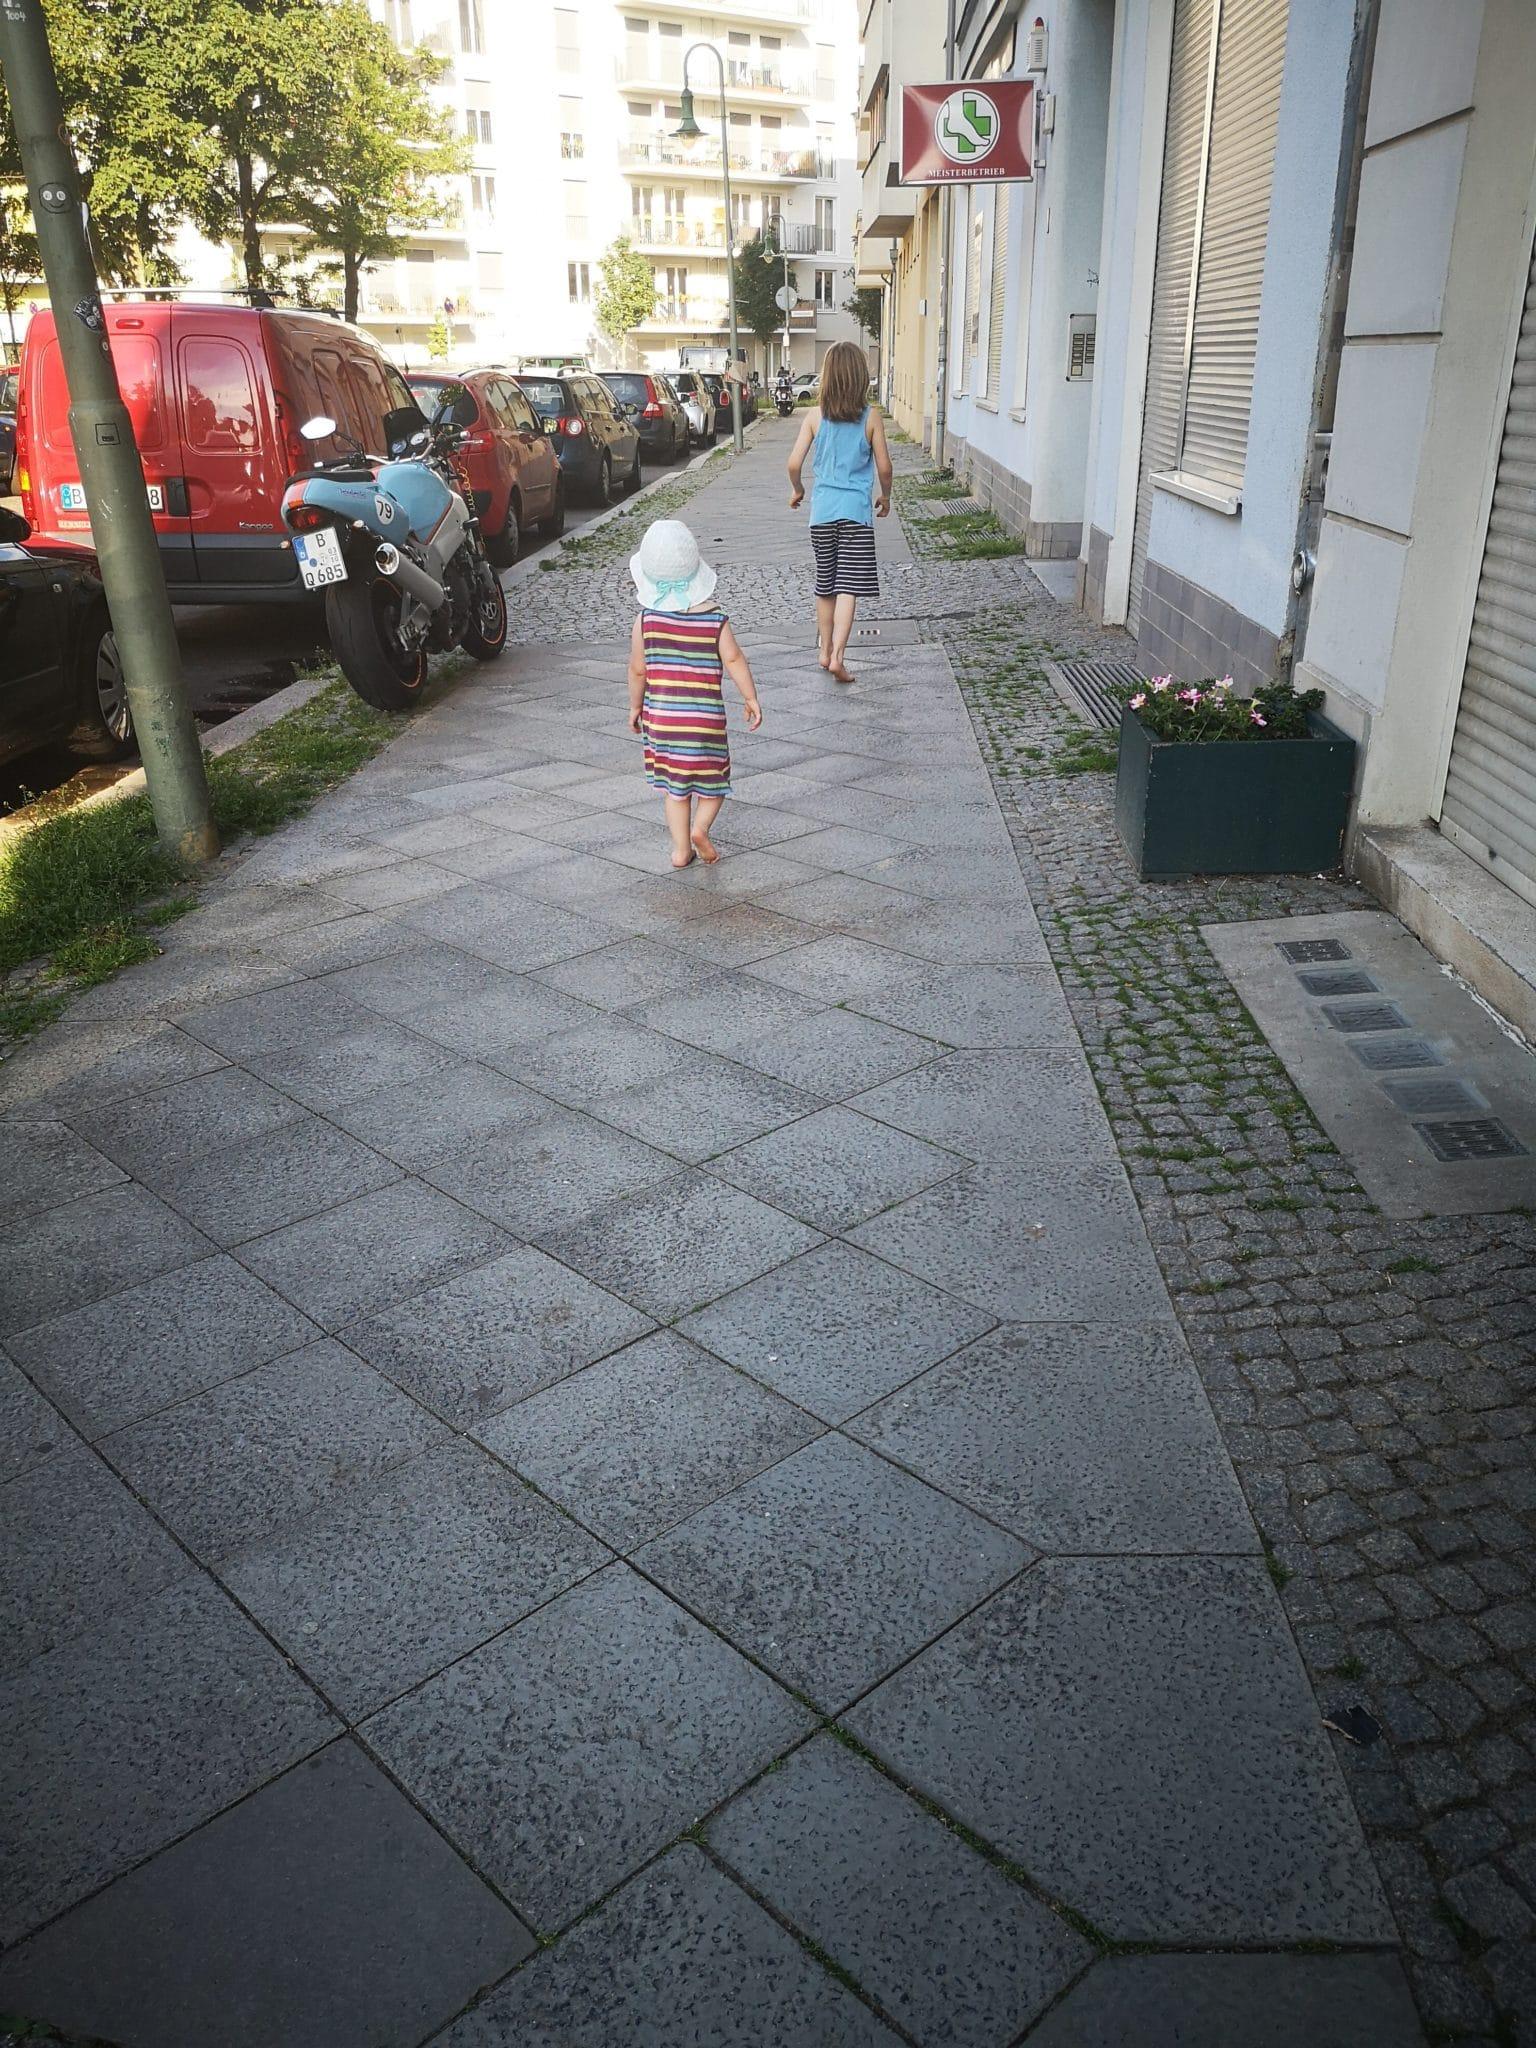 Zwei Kinder laufen barfuss auf dem Gehweg.